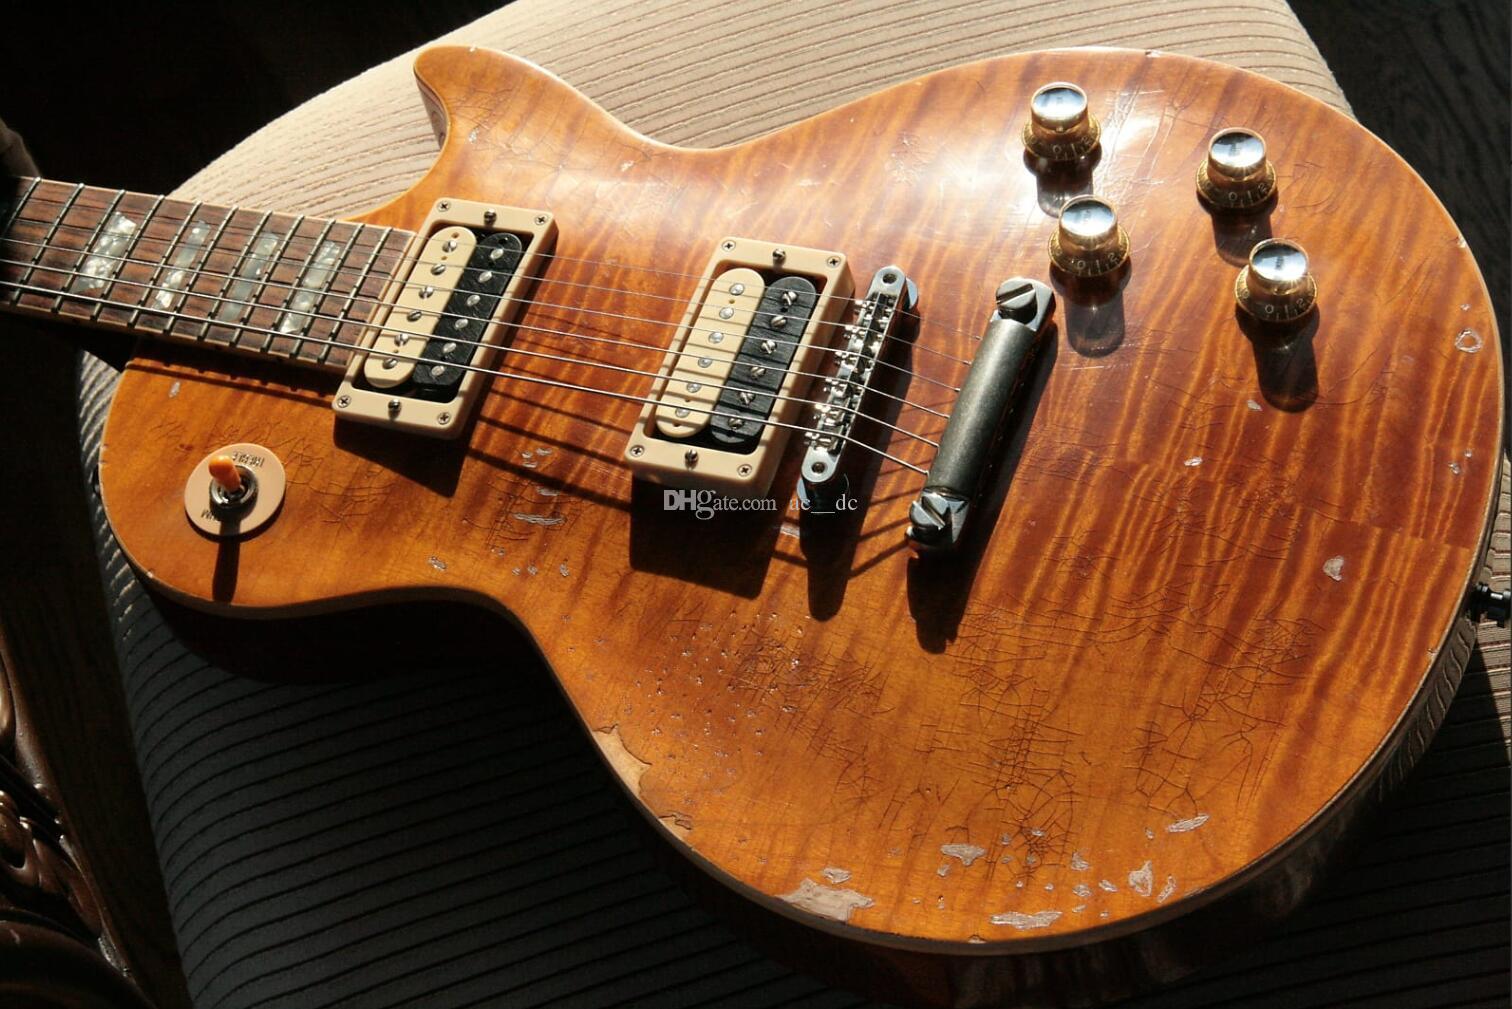 عرف مائل # 5 AFD MURPHY AGED توقيع الشهية لتدمير لهب القيقب الأعلى الثقيلة بقايا الغيتار الكهربائي قطعة واحدة الماهوجني الجسم الرقبة